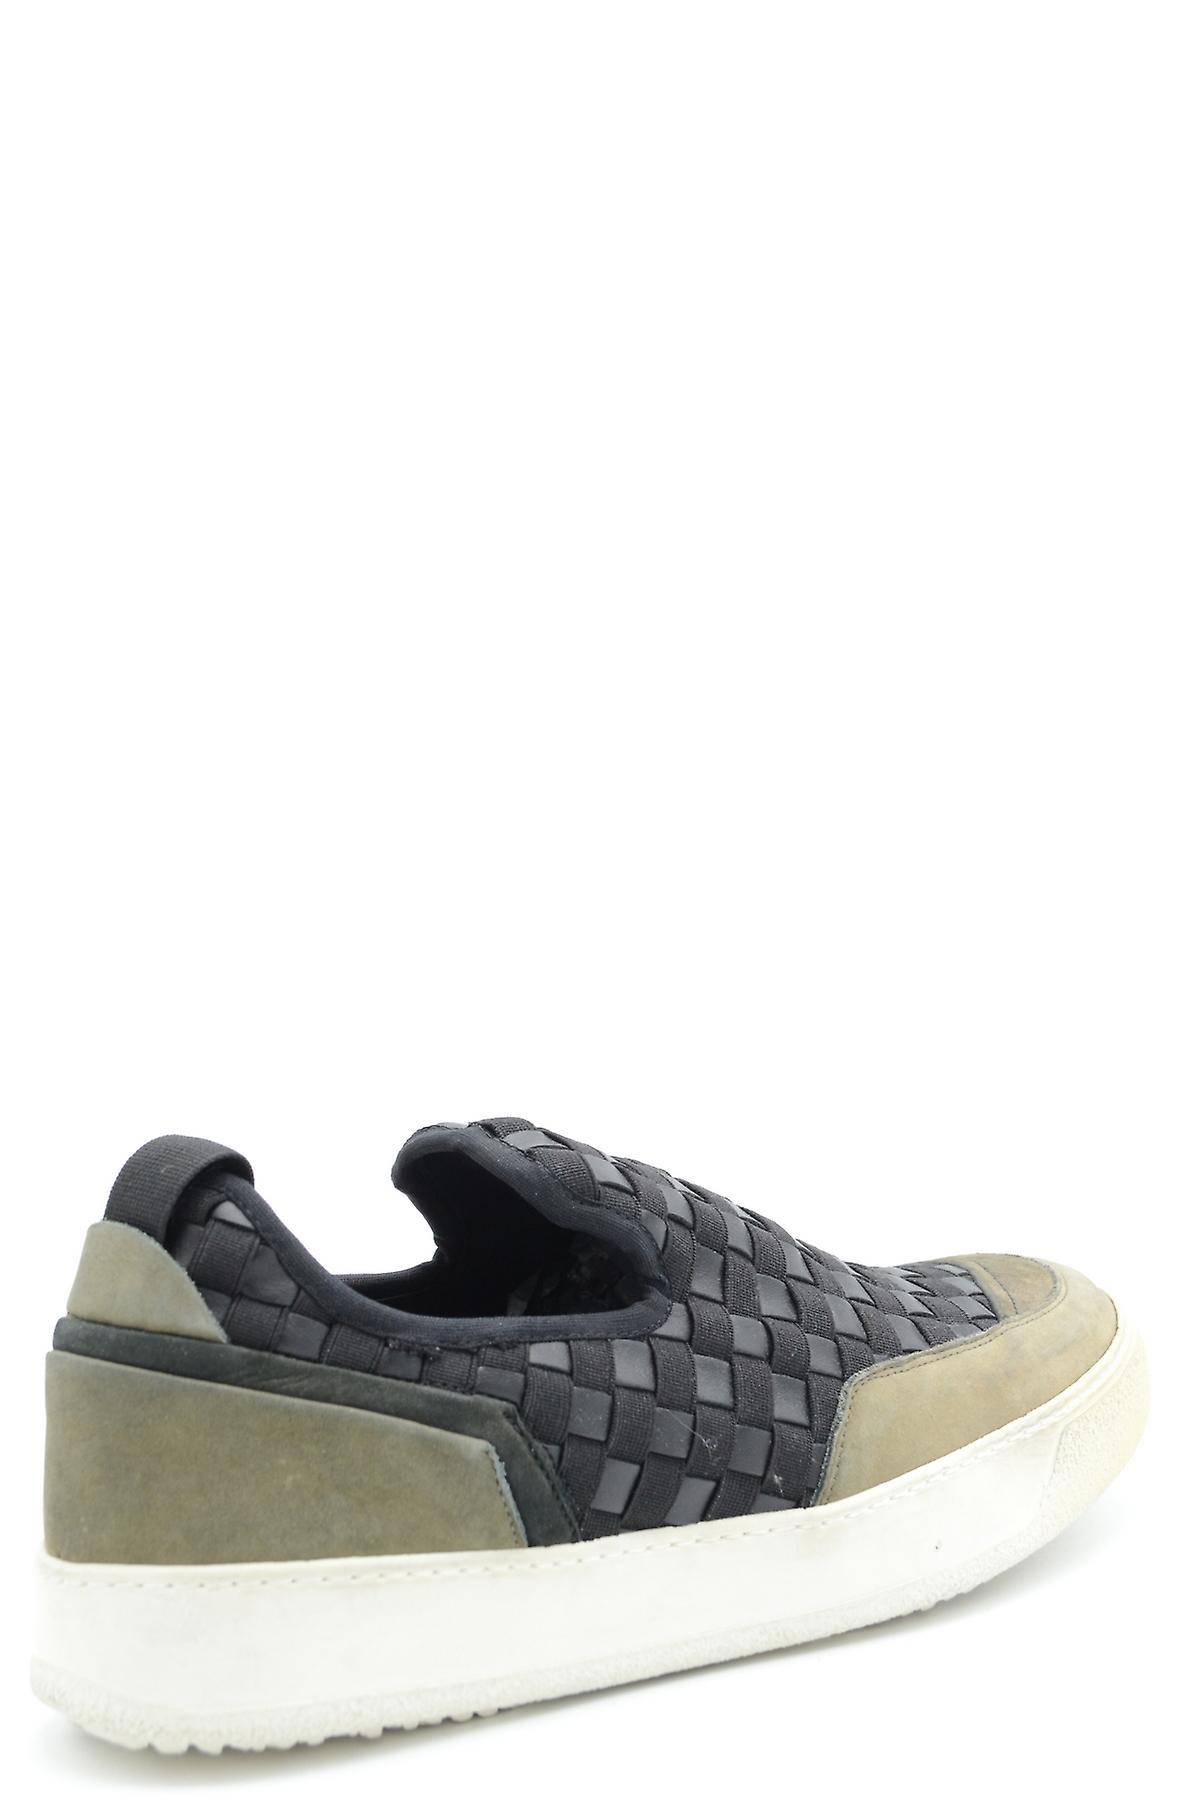 Bruno Bordese Ezbc275004 Men-apos;s Black Leather Slip On Sneakers